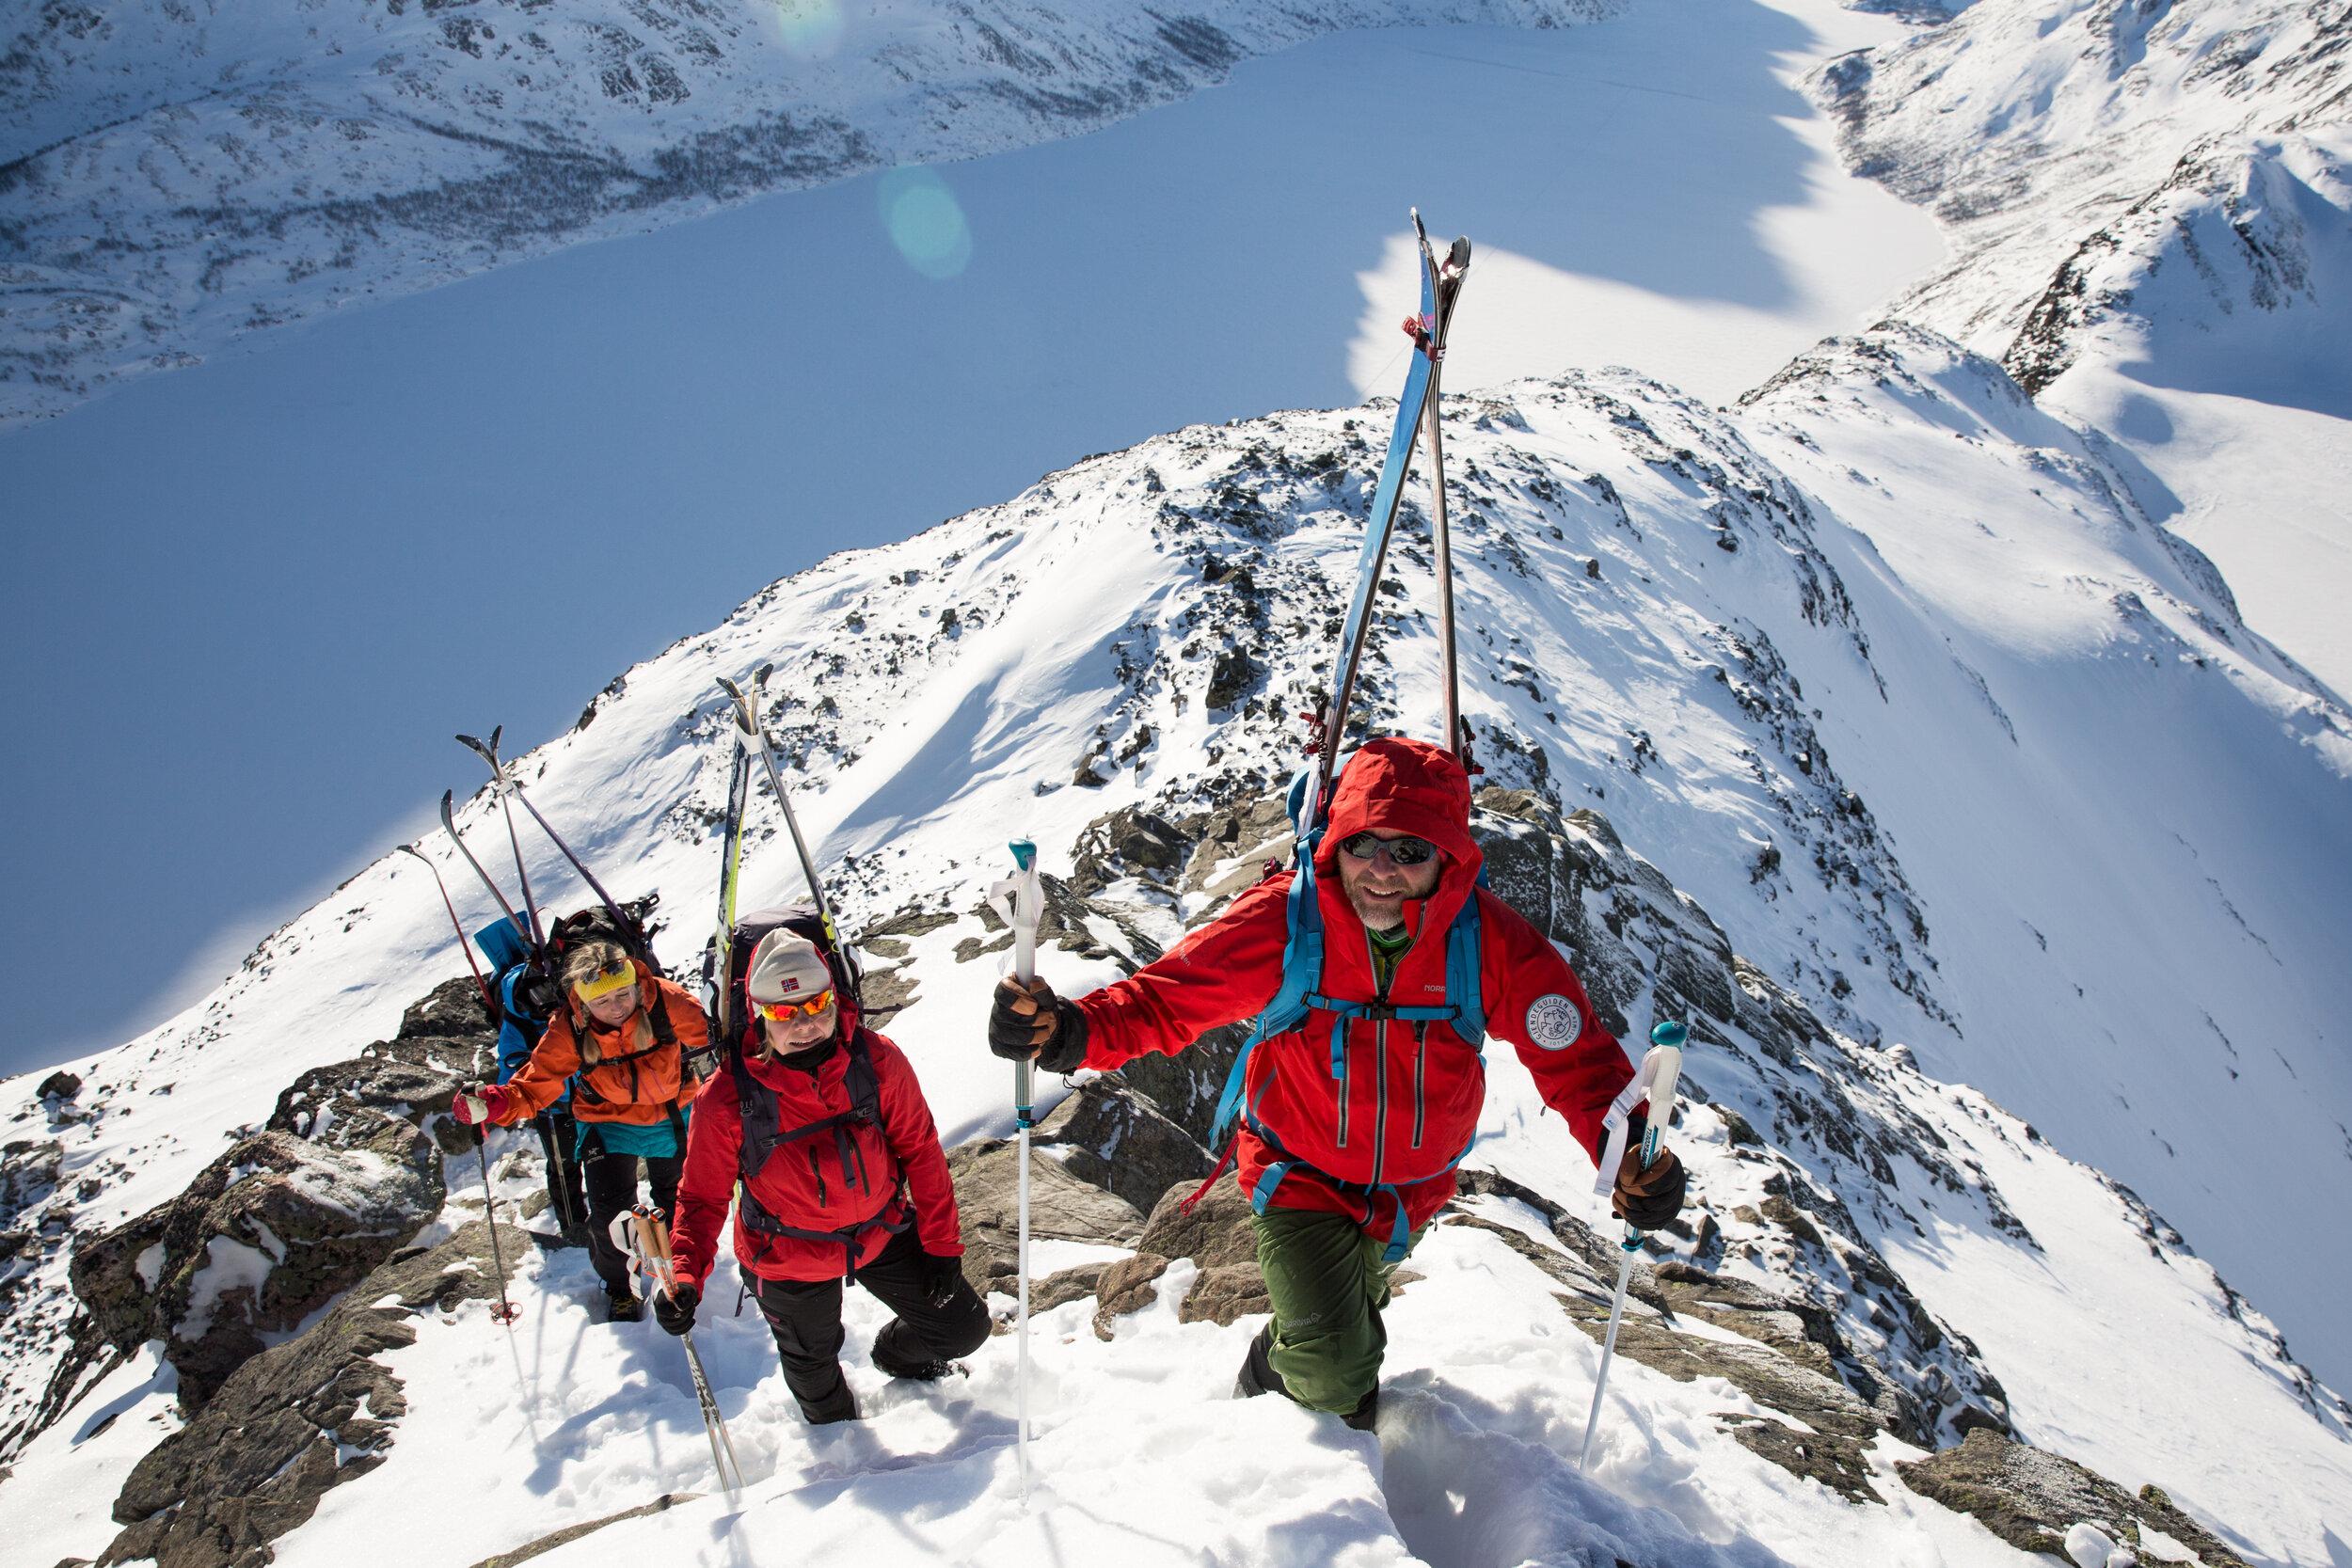 Opp eggen fester vi skia på sekken, og smiler til resten av verda!